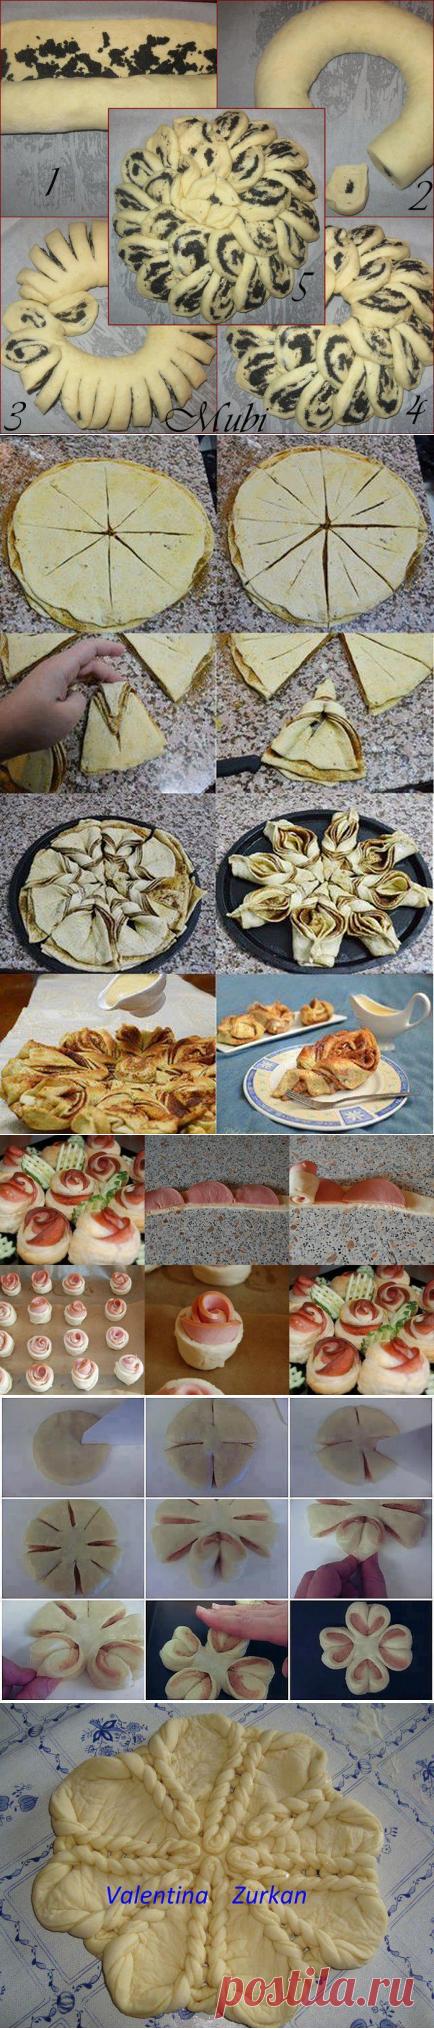 Миллион идей для красивой домашней выпечки